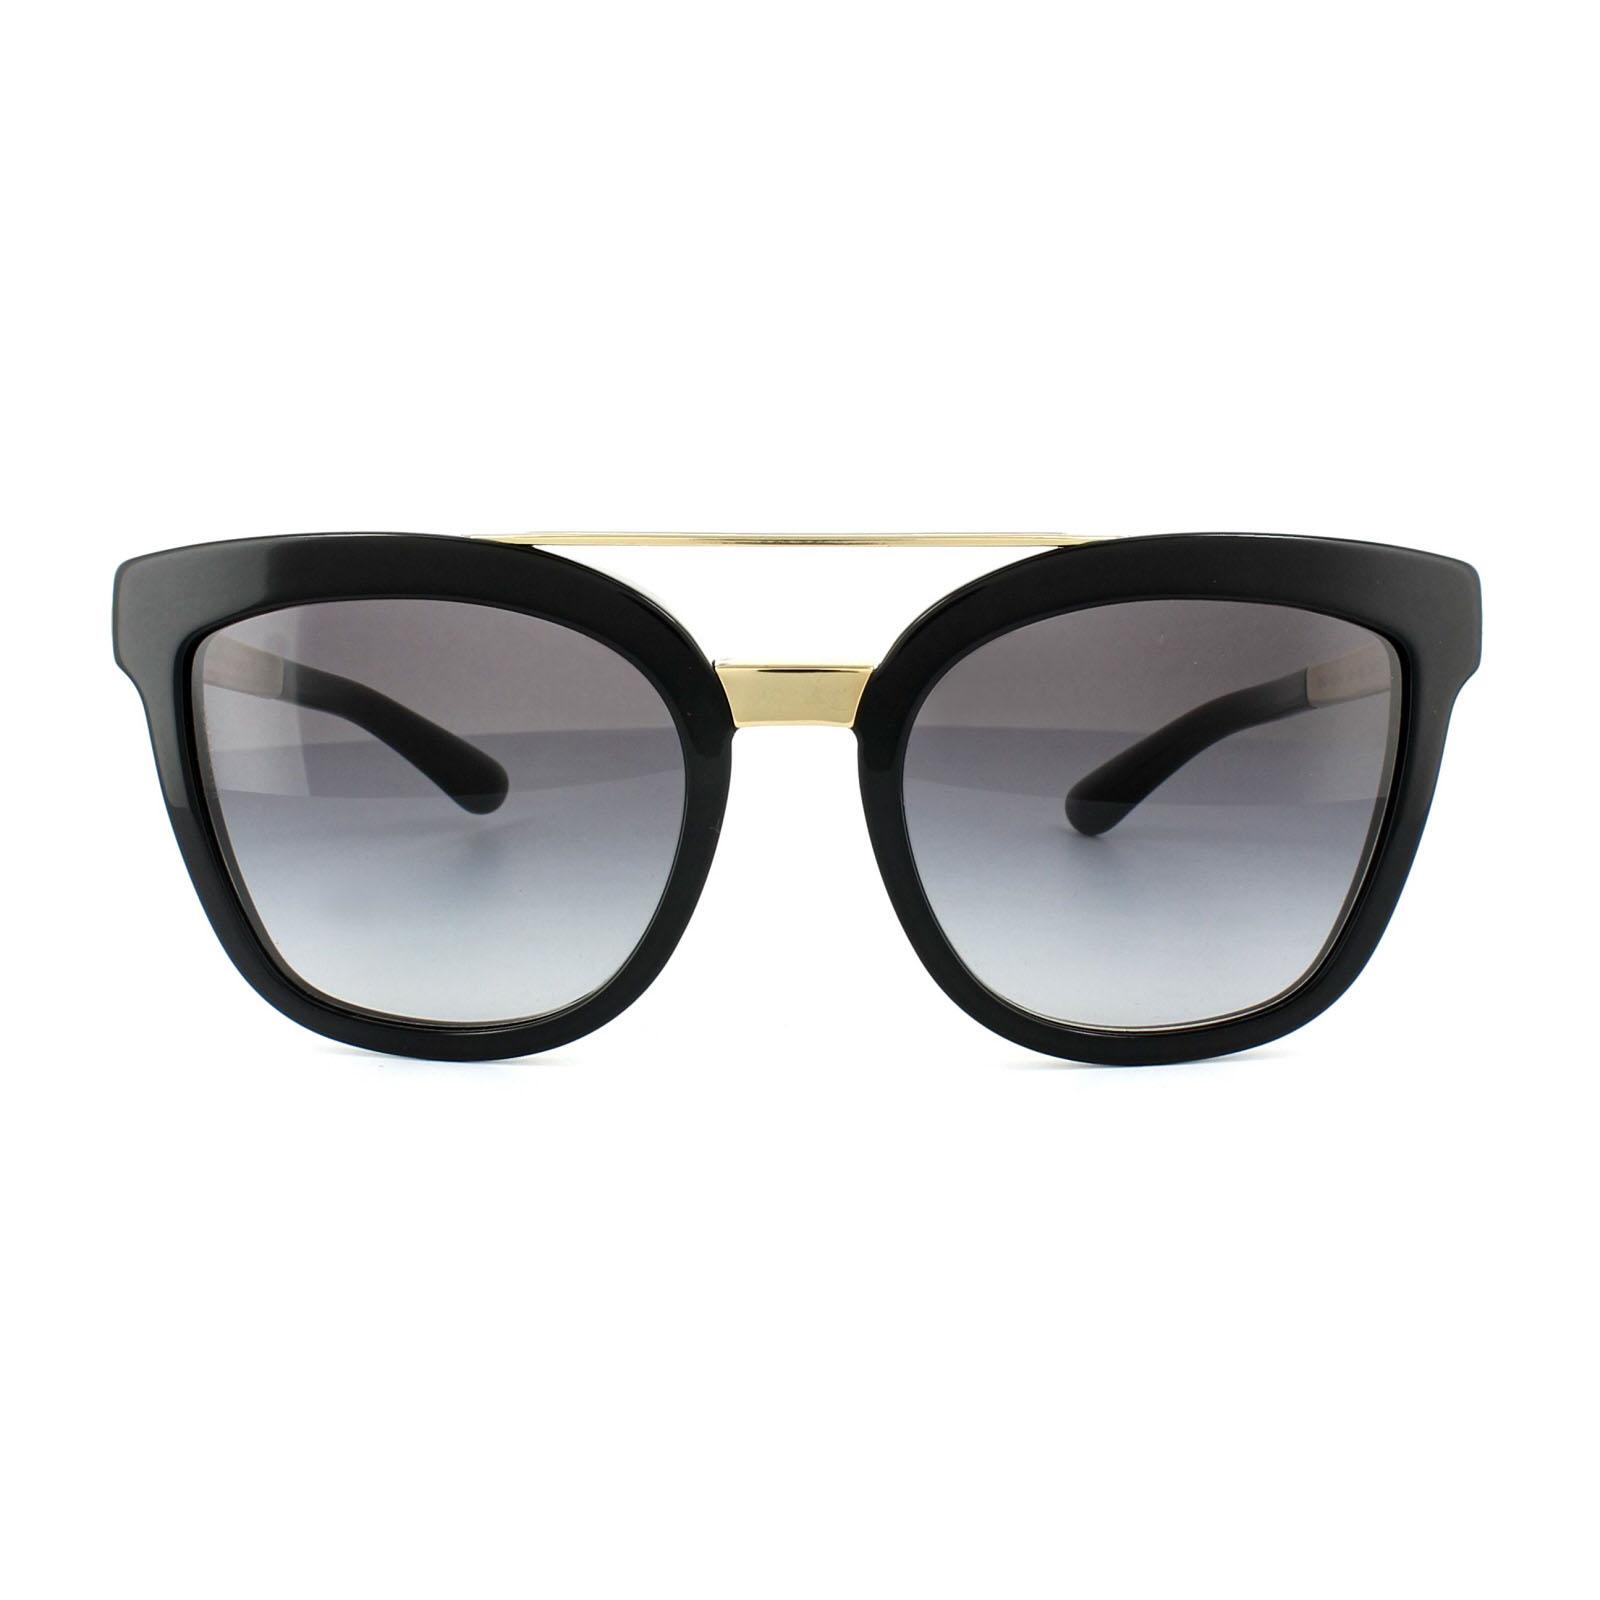 Sentinel Dolce   Gabbana Sunglasses 4269 501 8G Black Grey Gradient f3e2e175a1